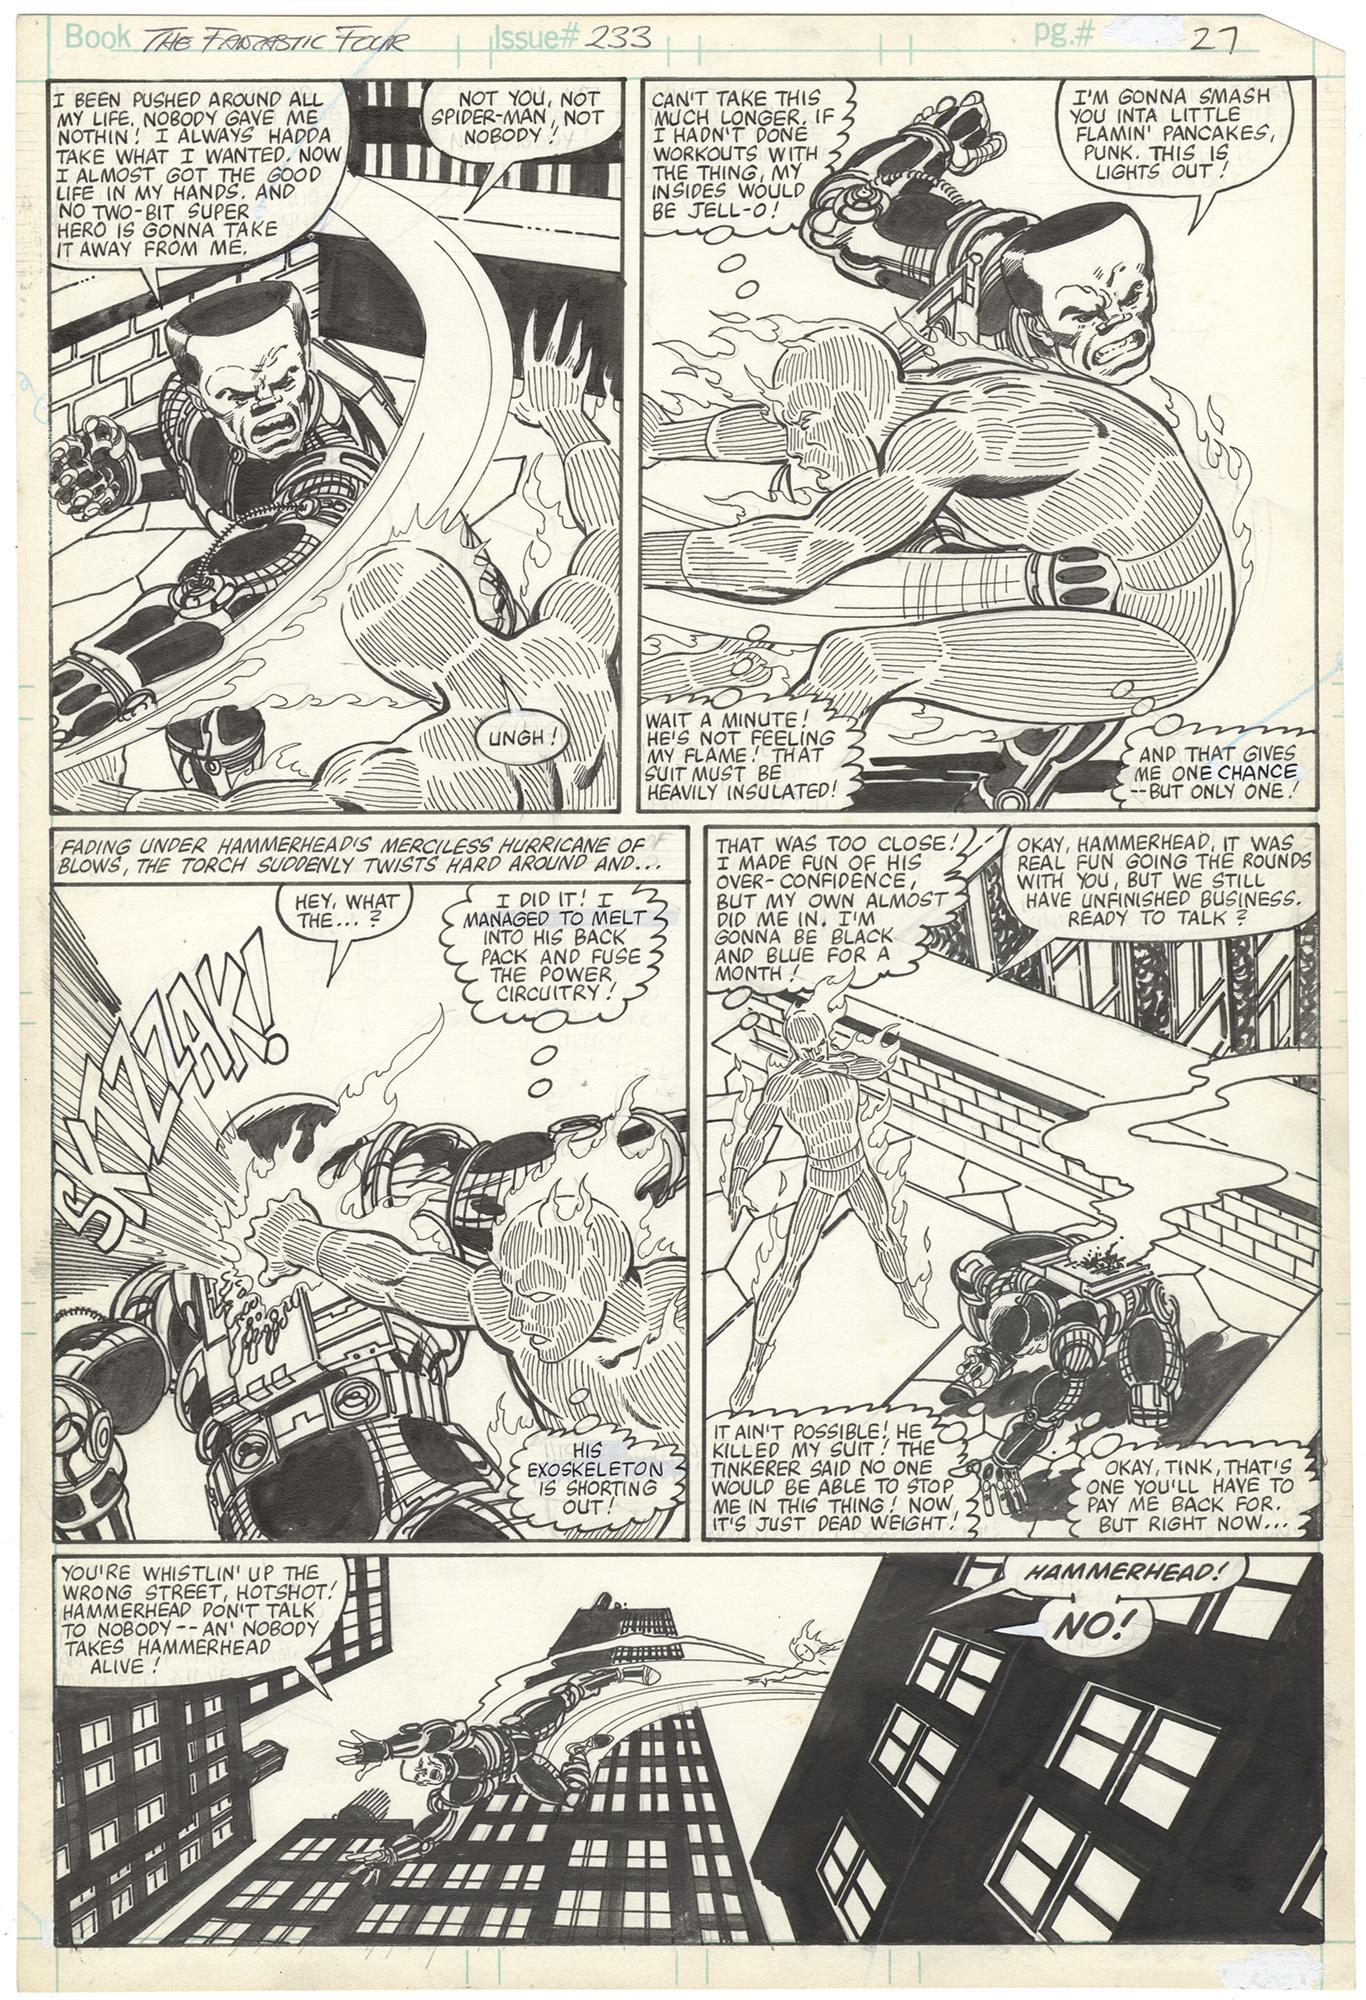 Fantastic Four #233 p27